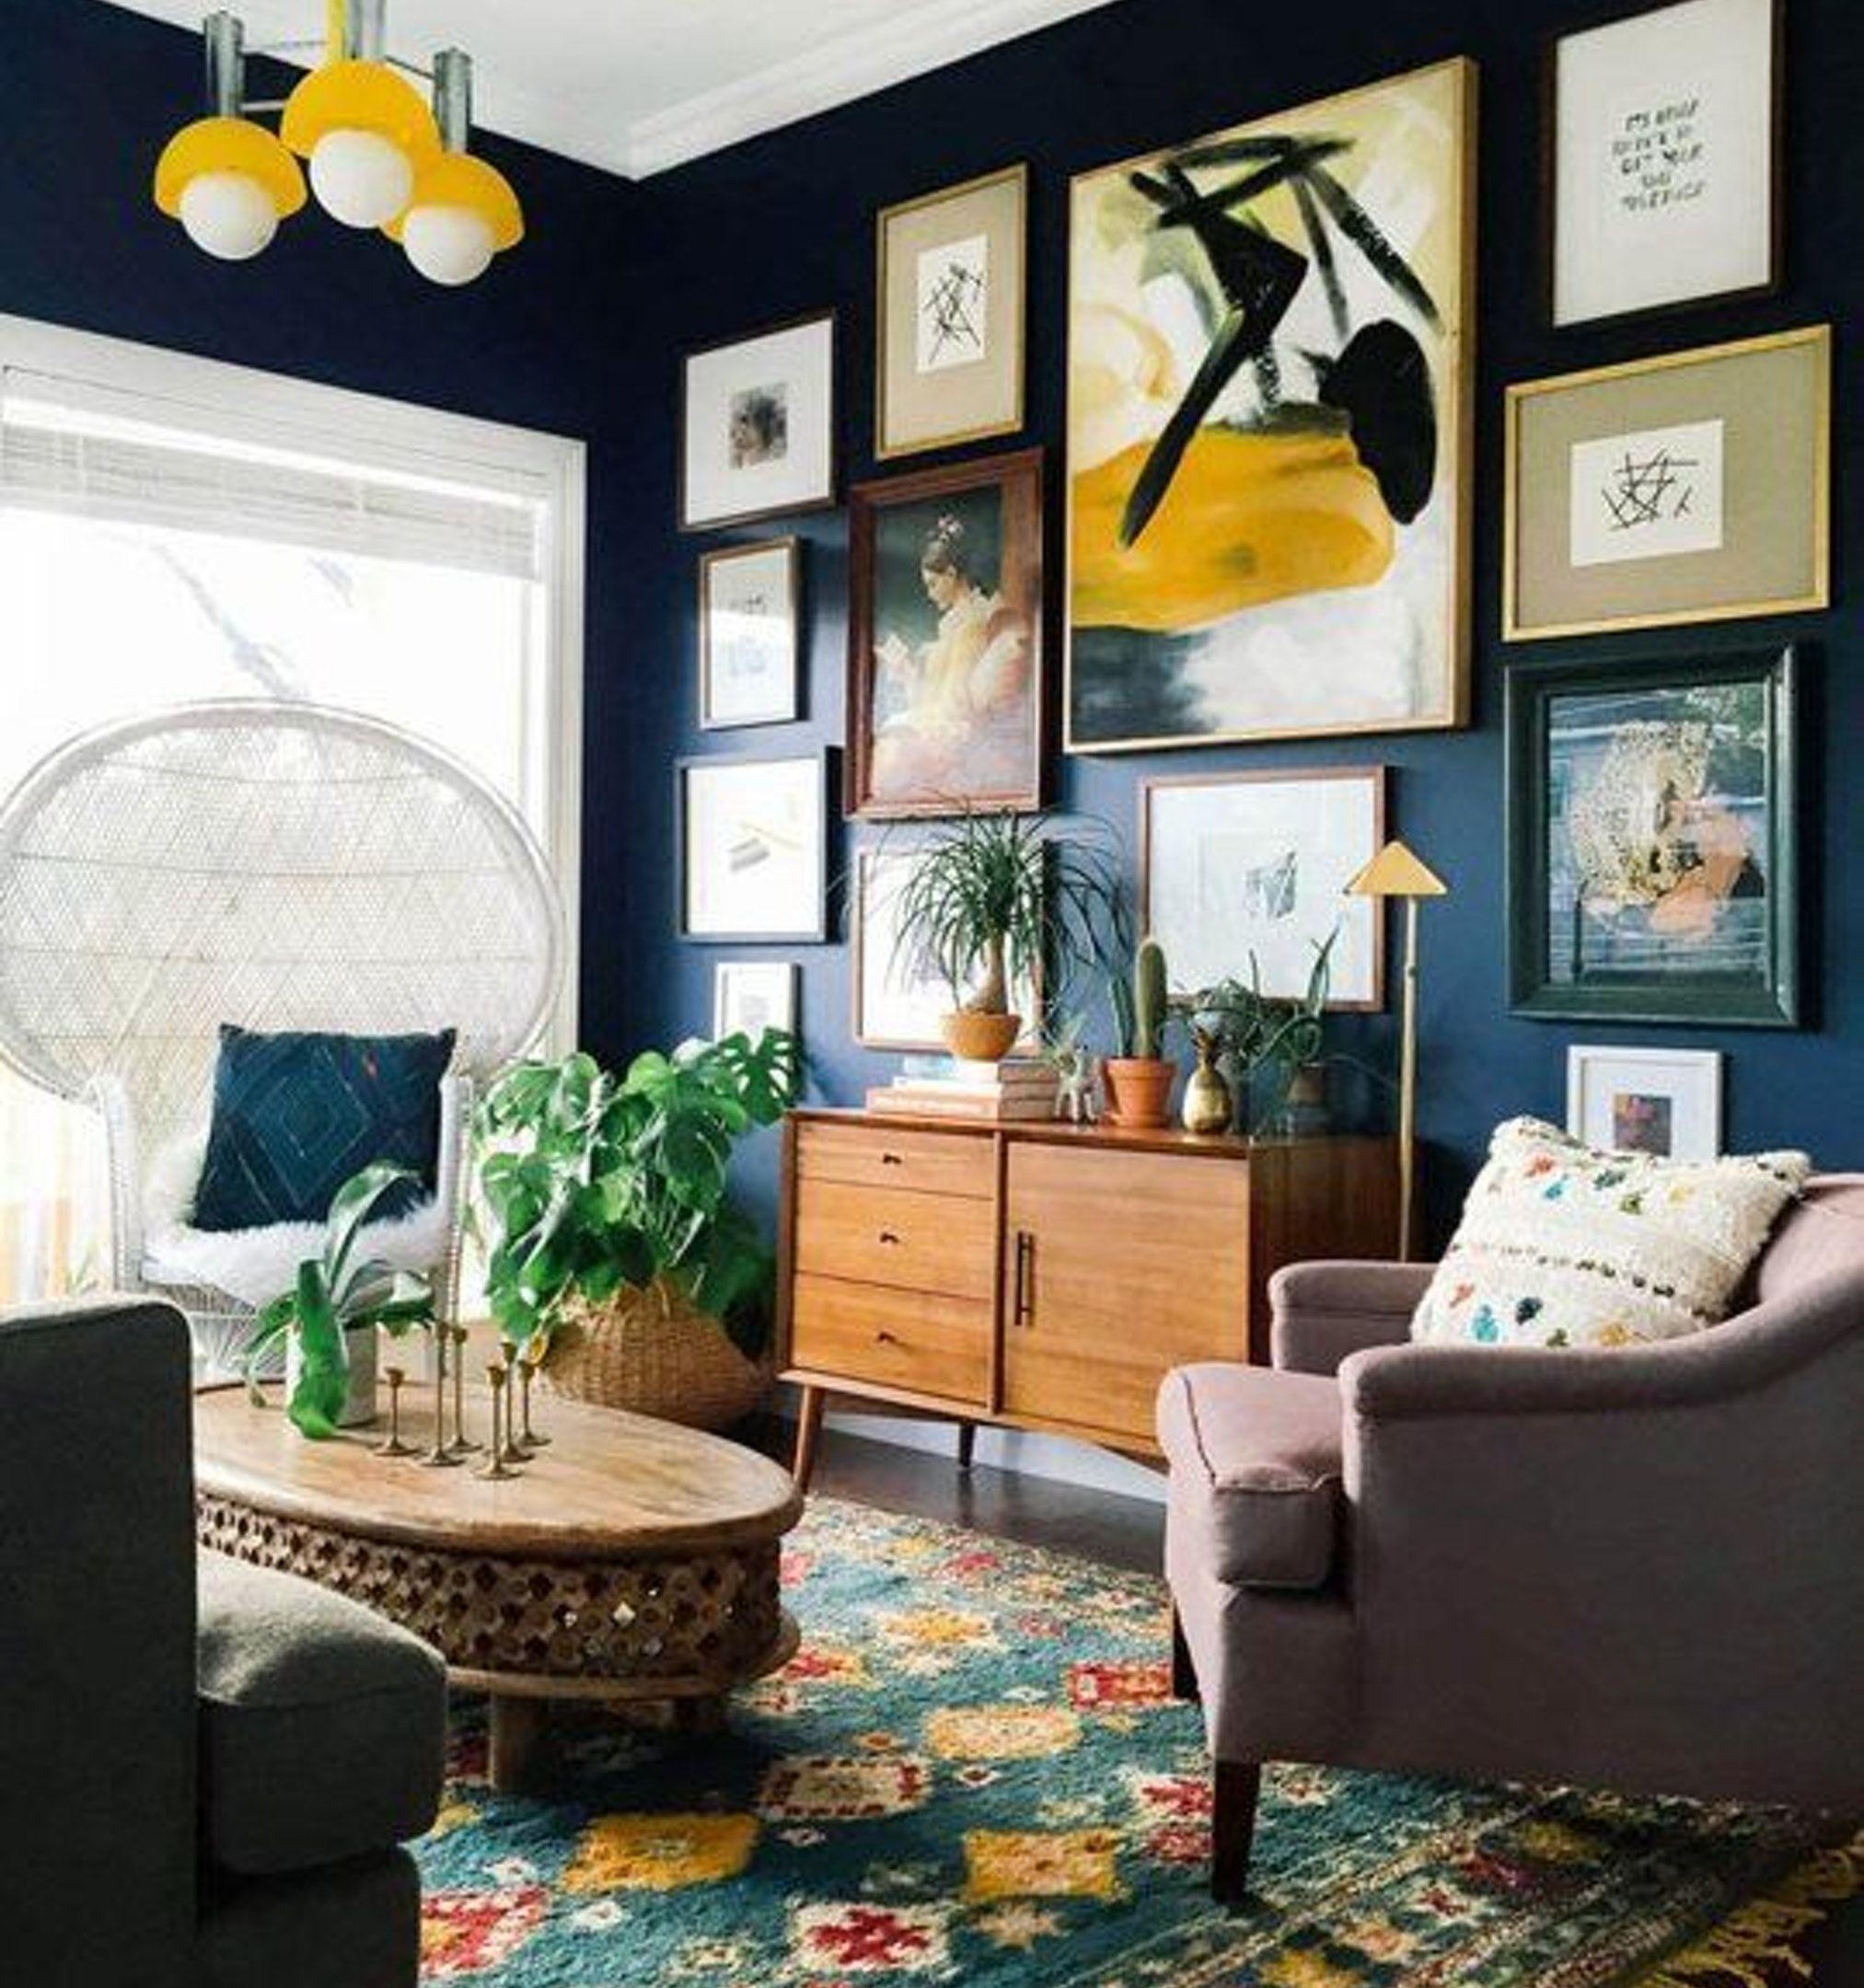 Home Decor Styles Quiz: Retro Home Decor, Living Room